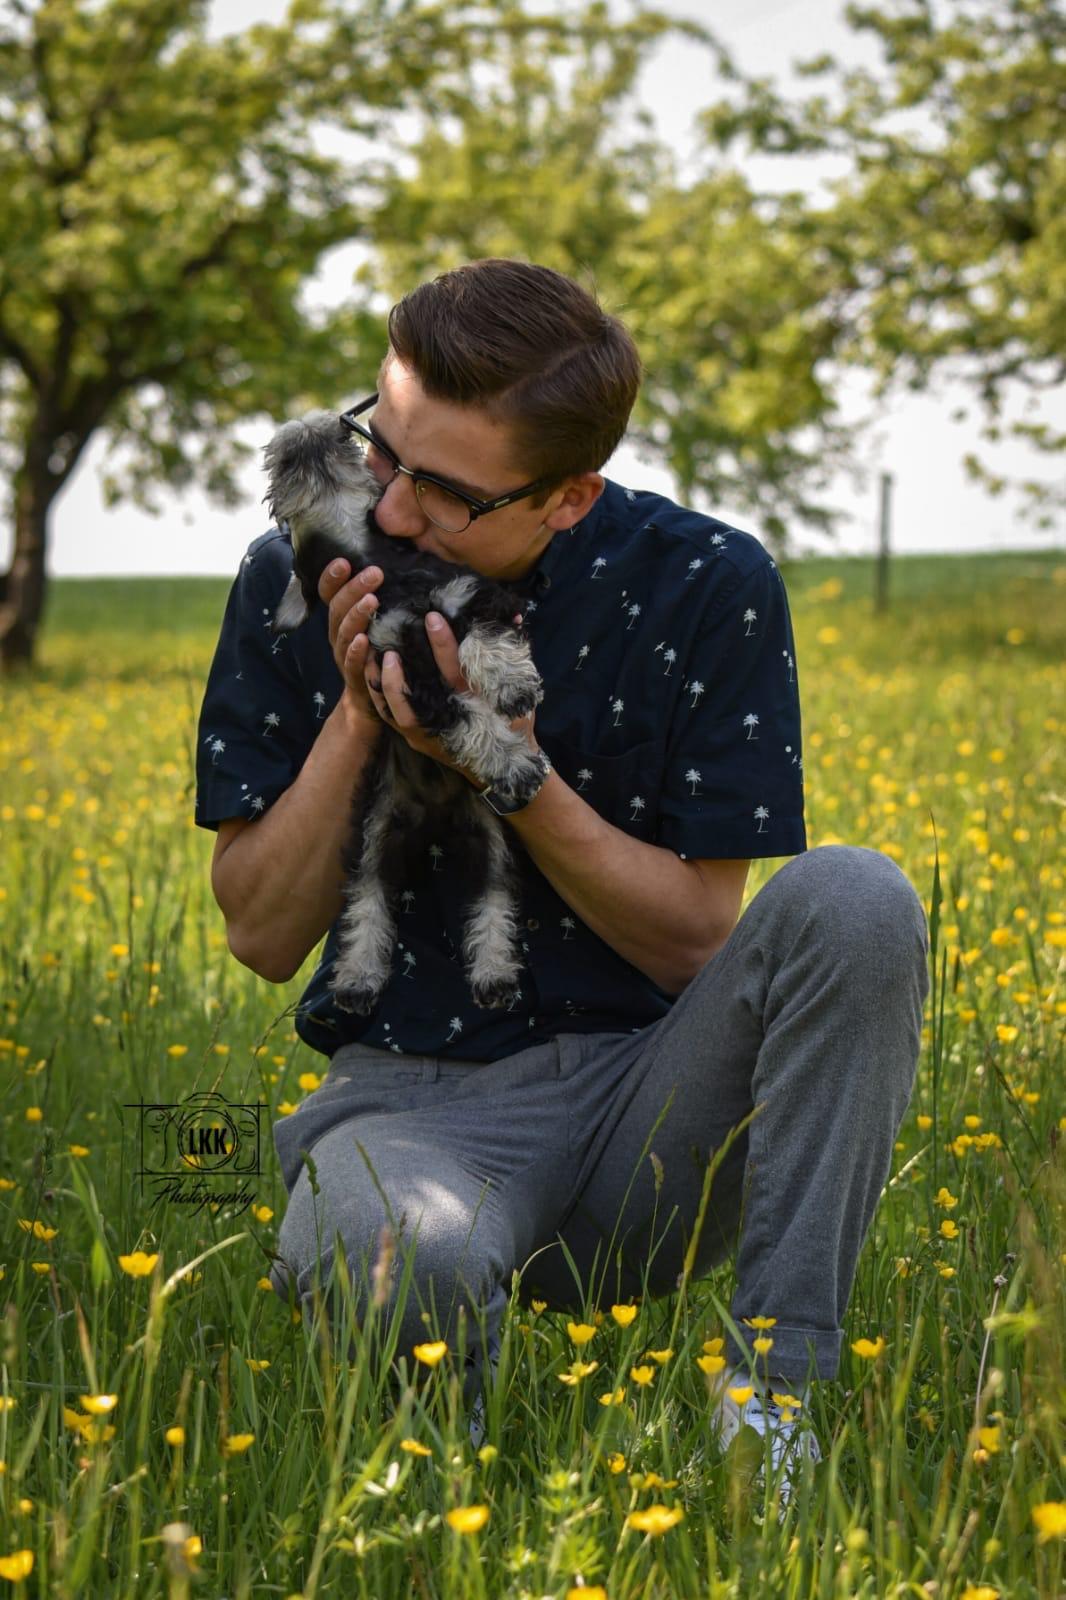 Fafner (heißt jetzt Eddi), Foto: LKK Photography